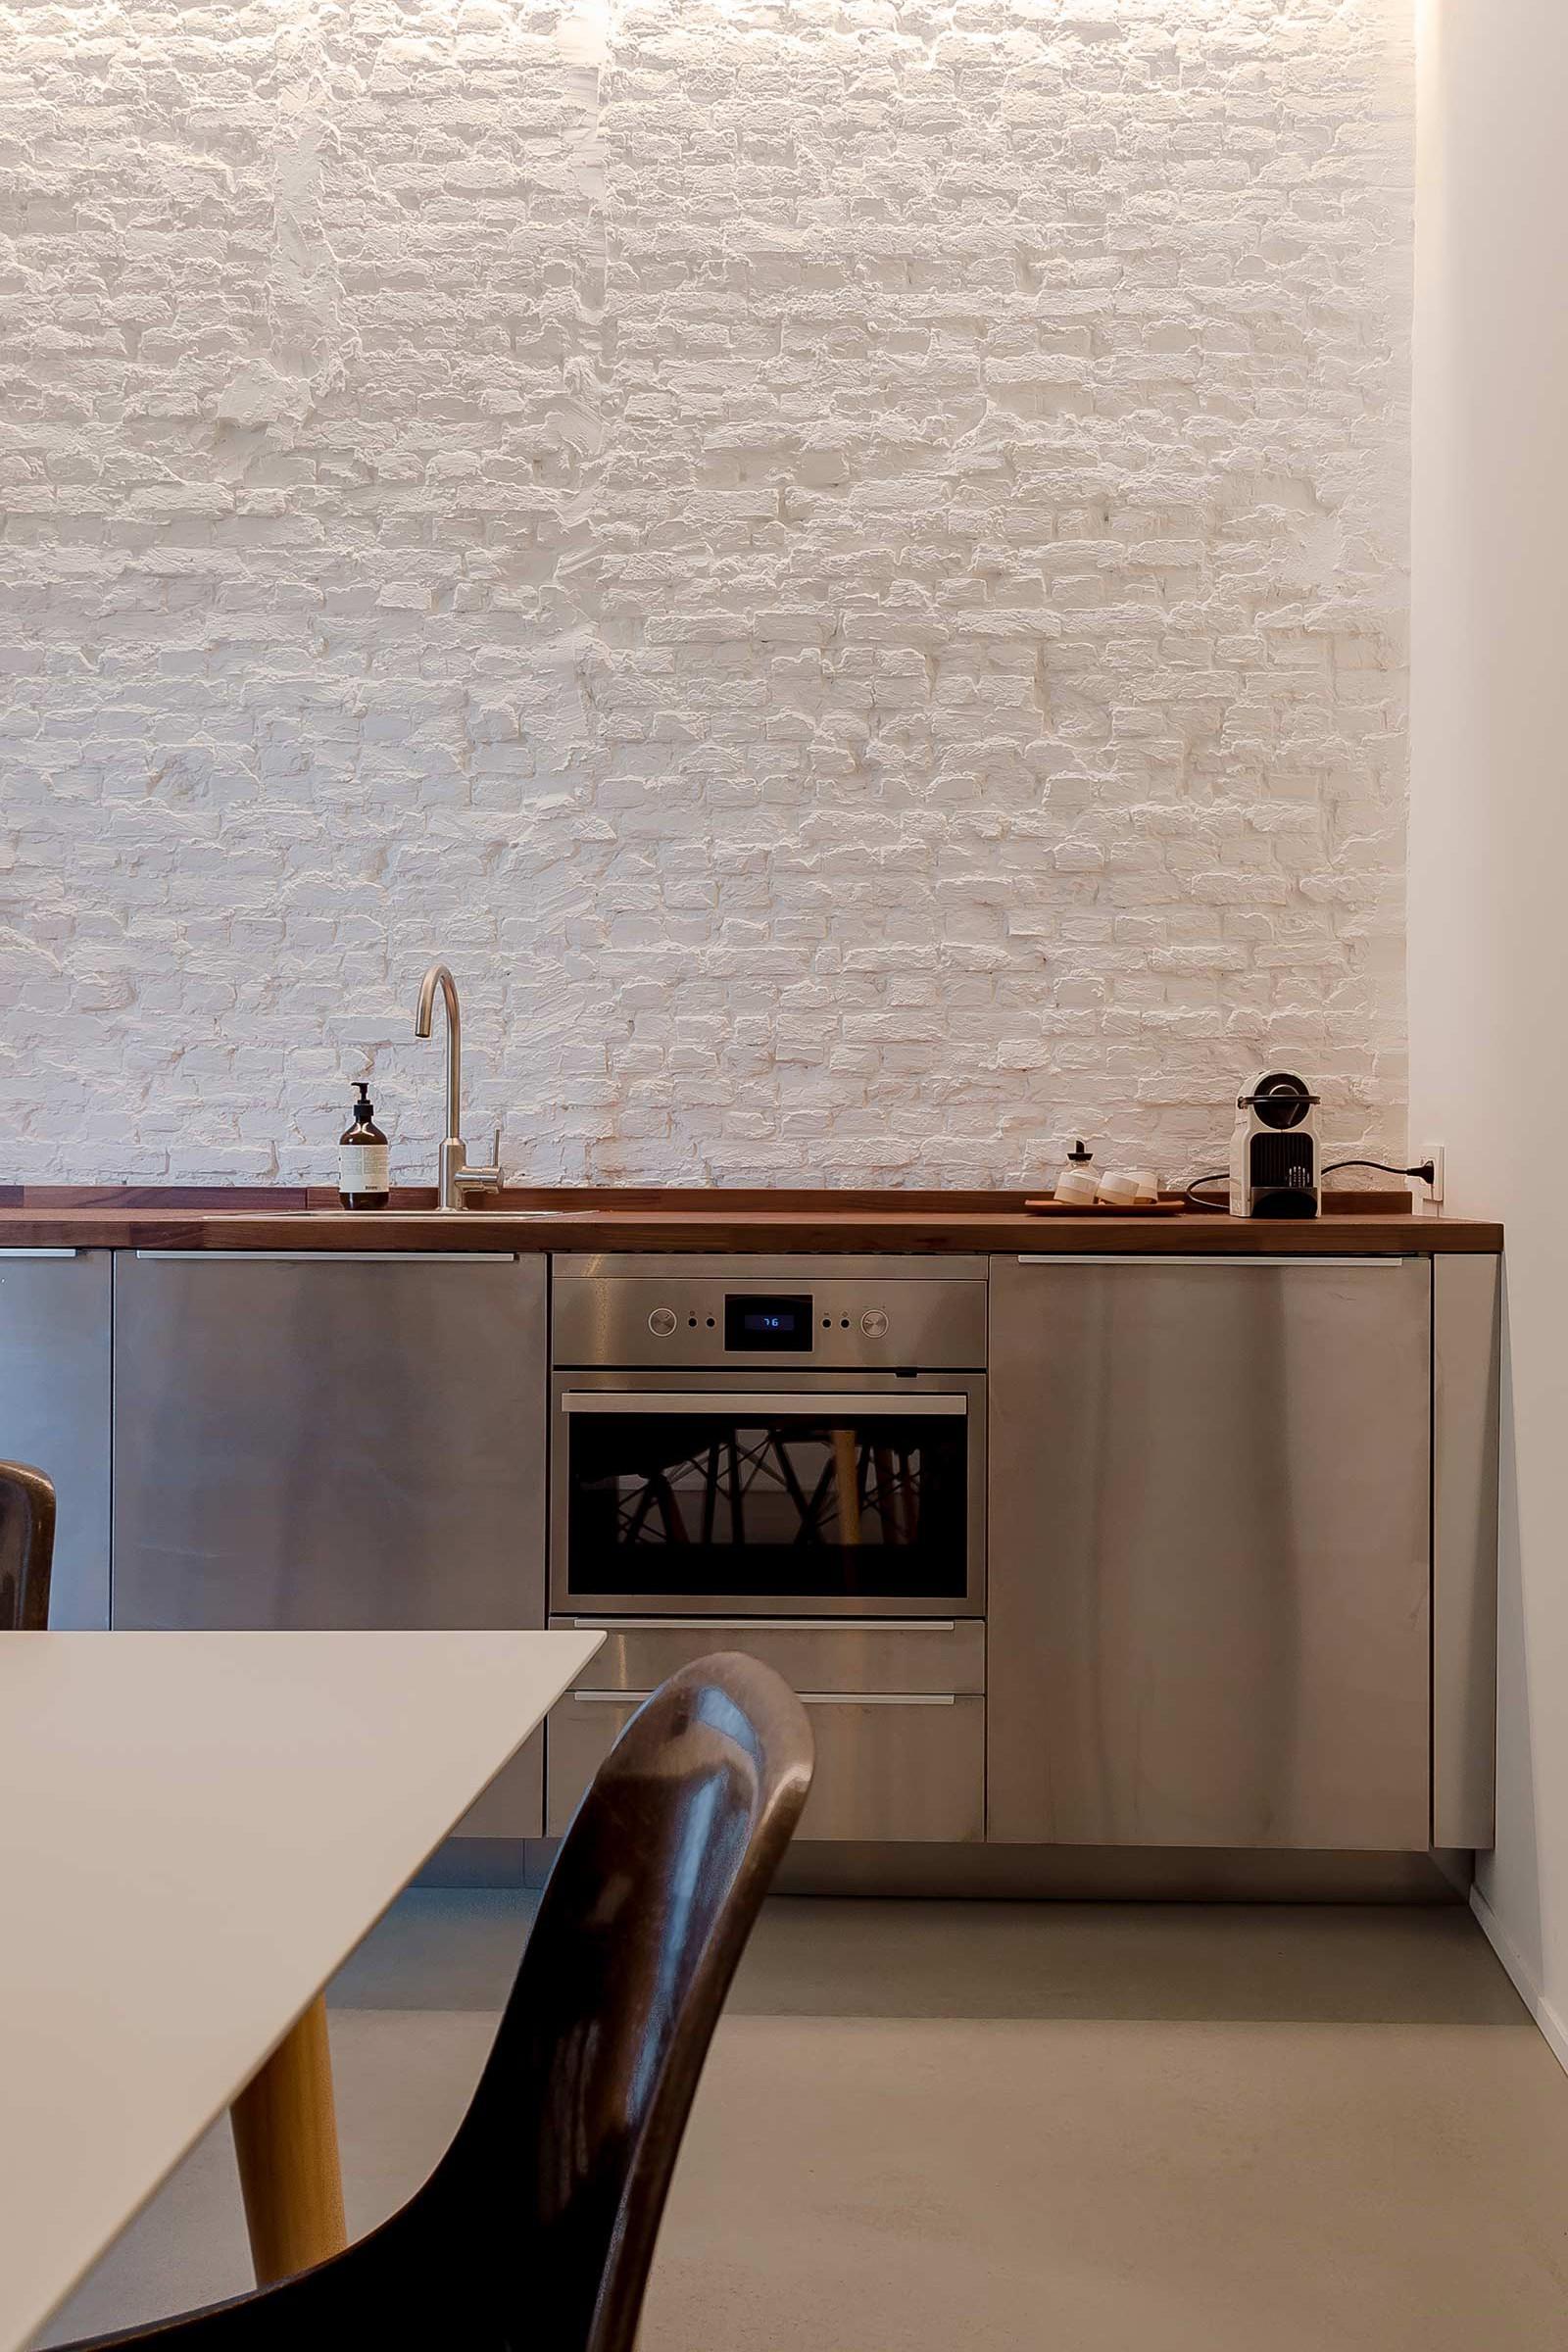 Studio Tolleneer - Office Antwerpen - Rijkswachtkazerne - Ikea keuken kitchen - Eames fiberglass chair glasvezel